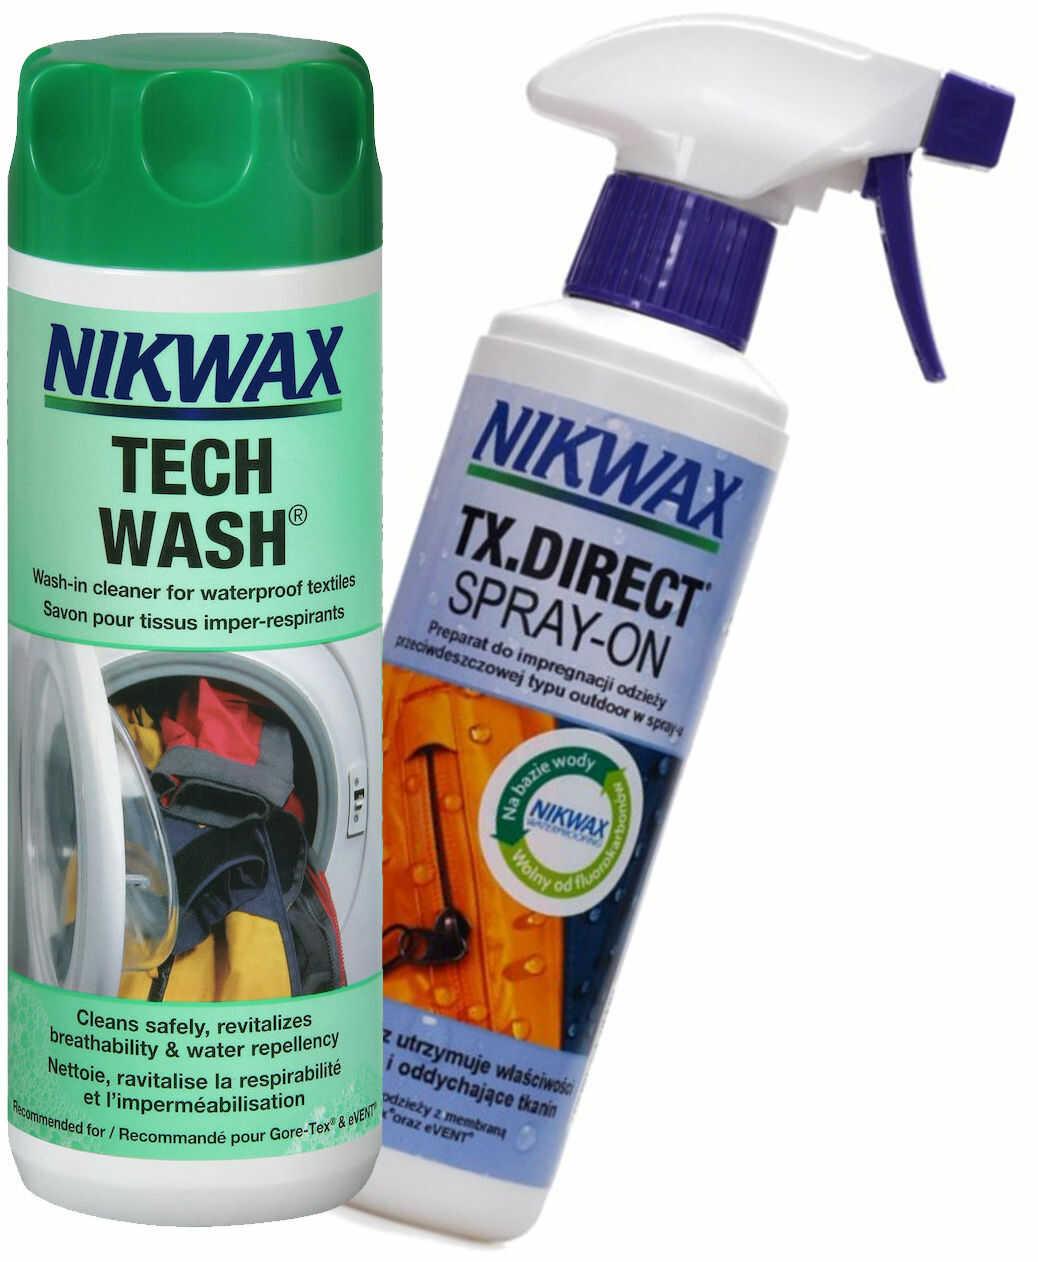 Zestaw Nikwax Tech Wash + TX.Direct Spray-on 2x300ml